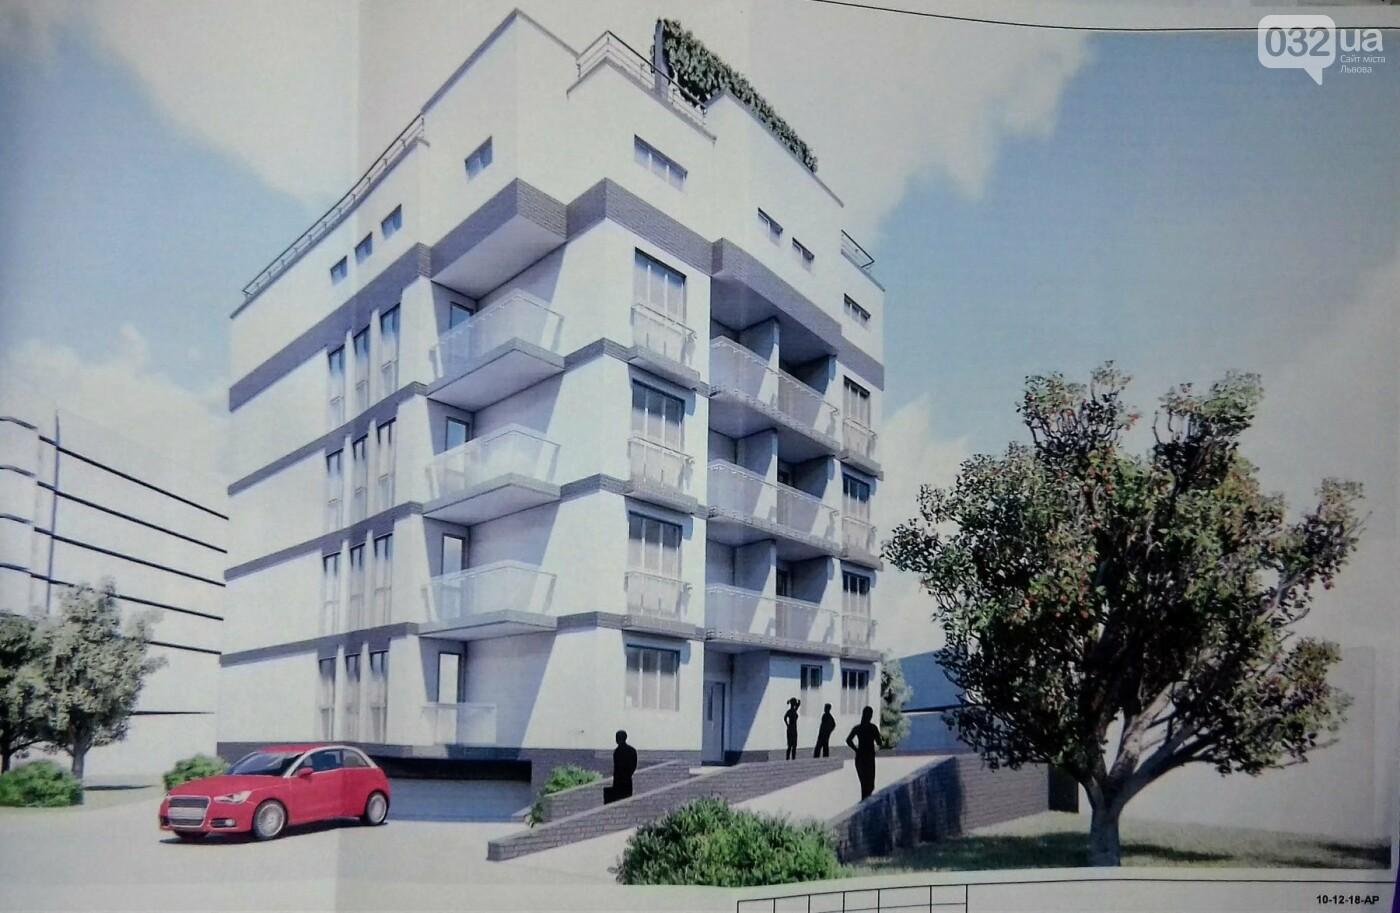 Поблизу вулиці Липинського збудують будинок на 4 поверхи з паркінгом і терасою на даху, - ВІЗУАЛІЗАЦІЯ, фото-1